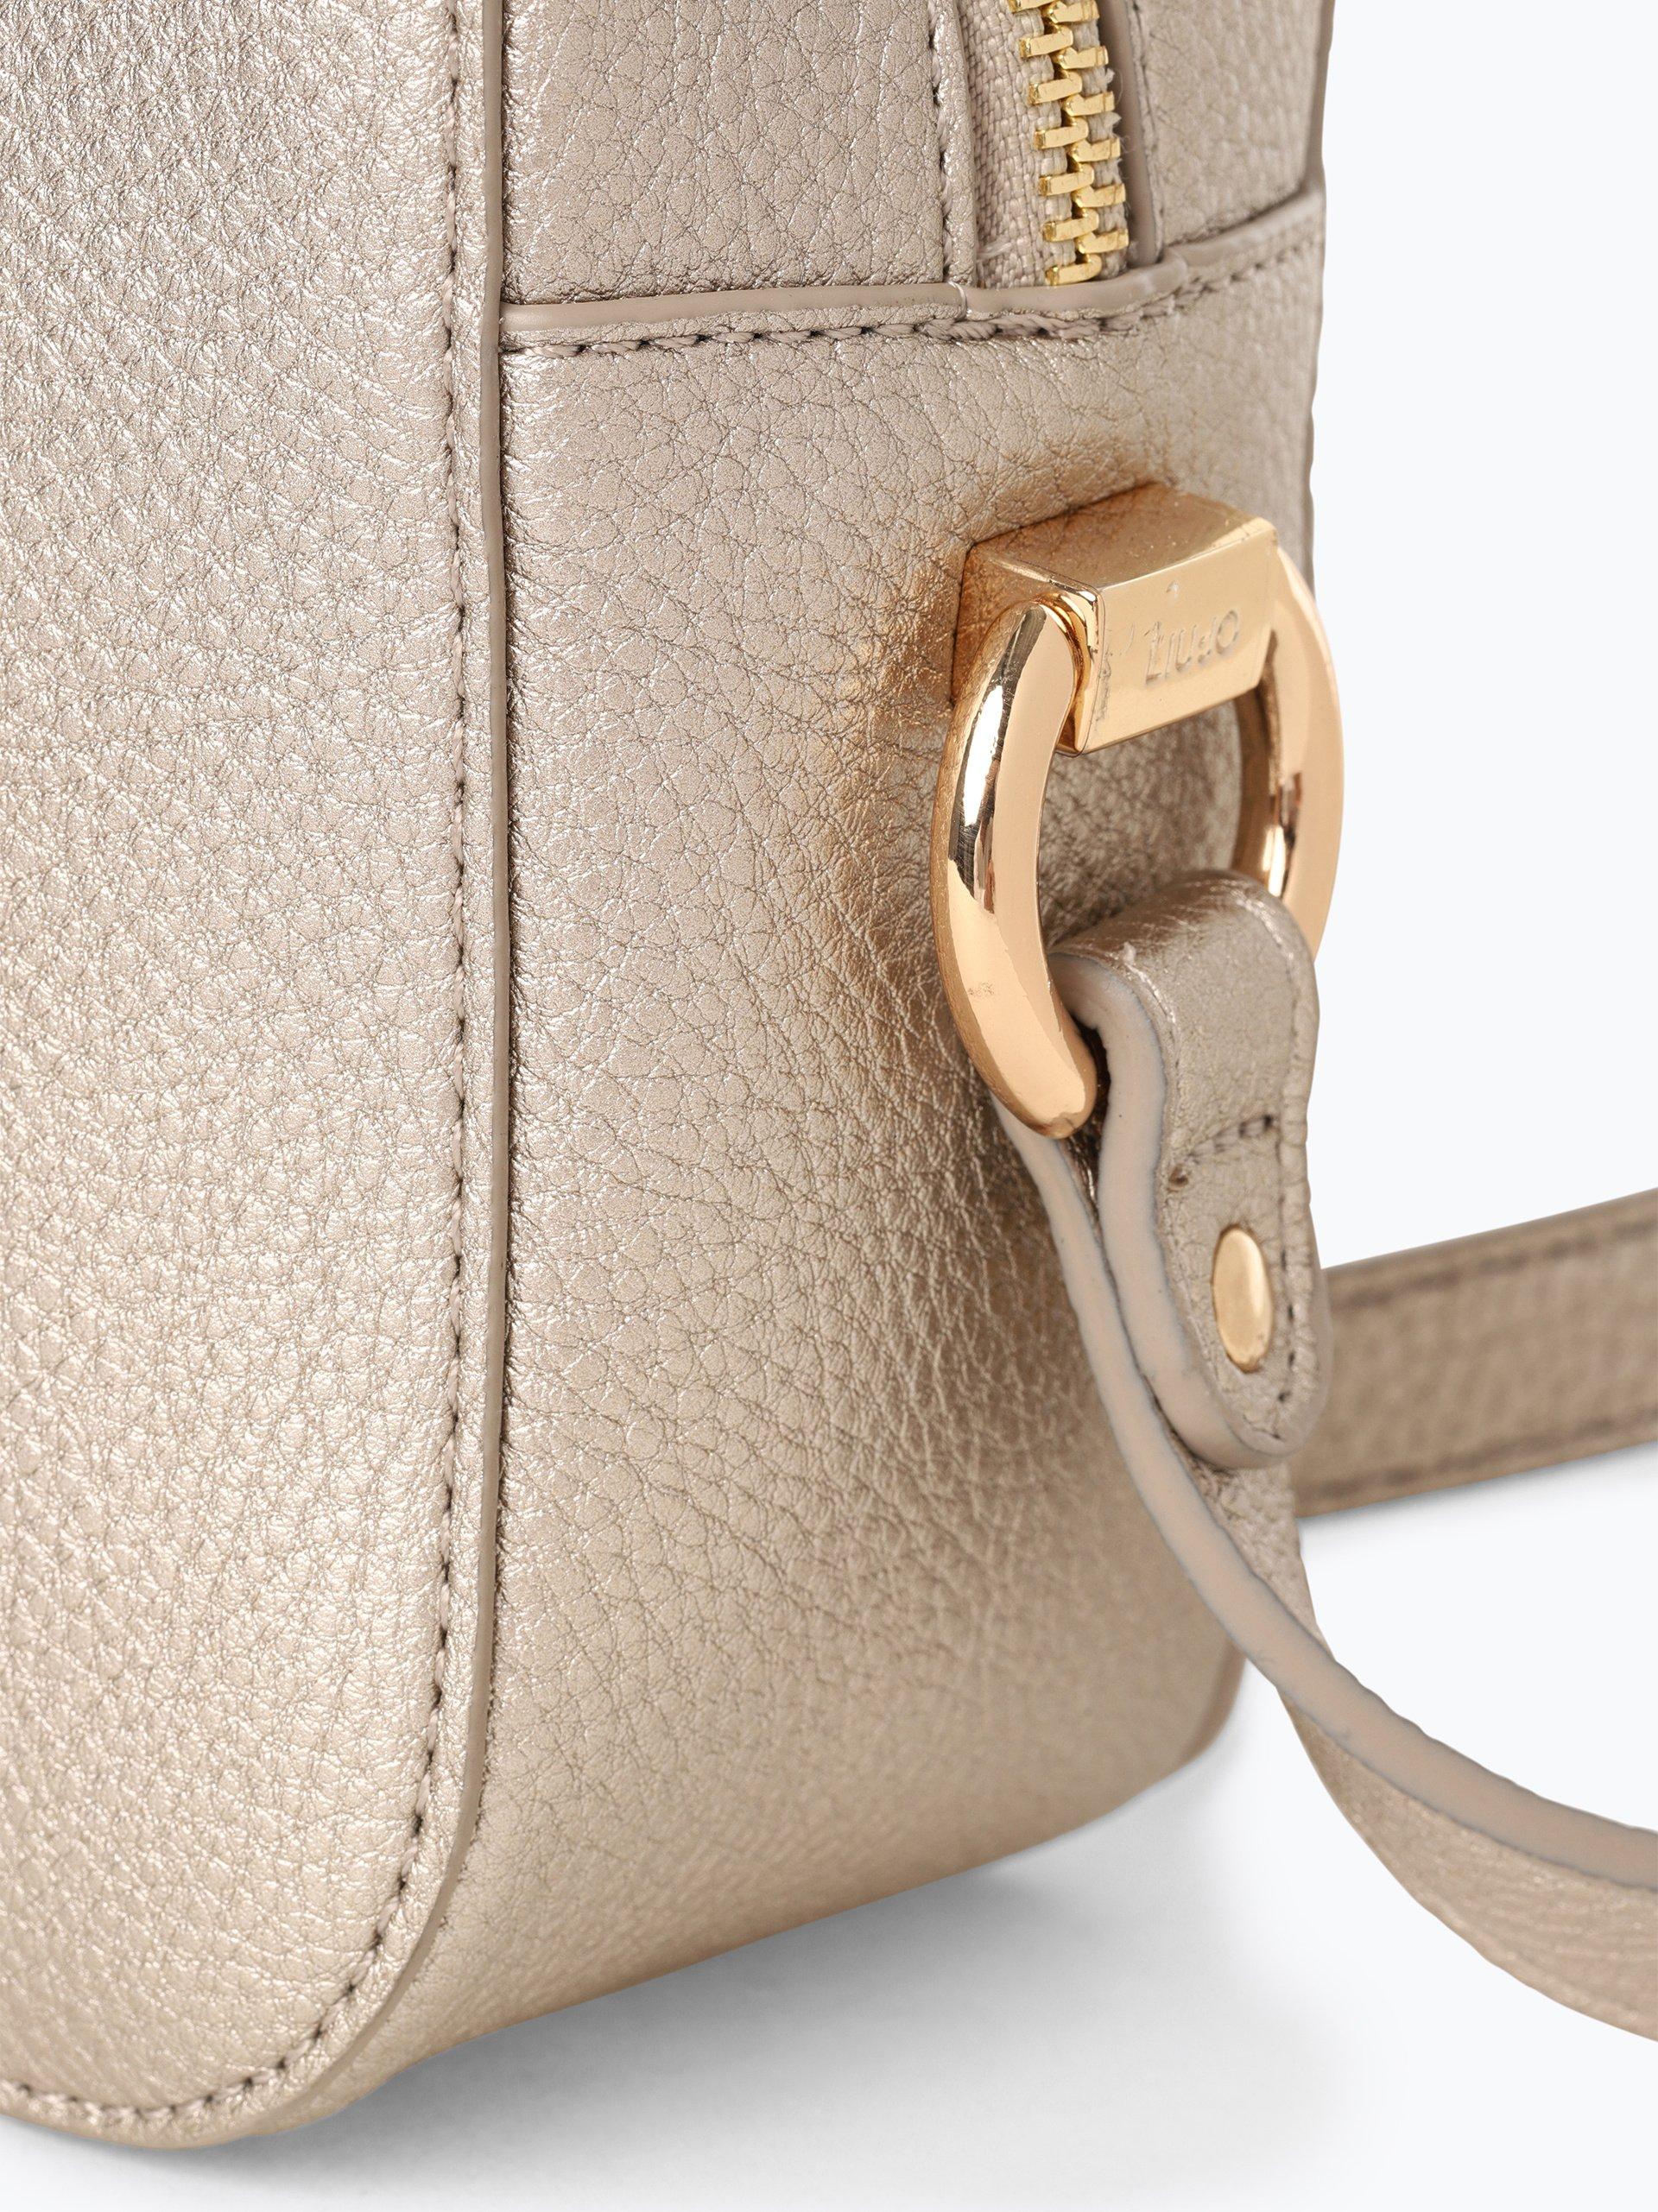 Liu Jo Collection Damska torebka na ramię